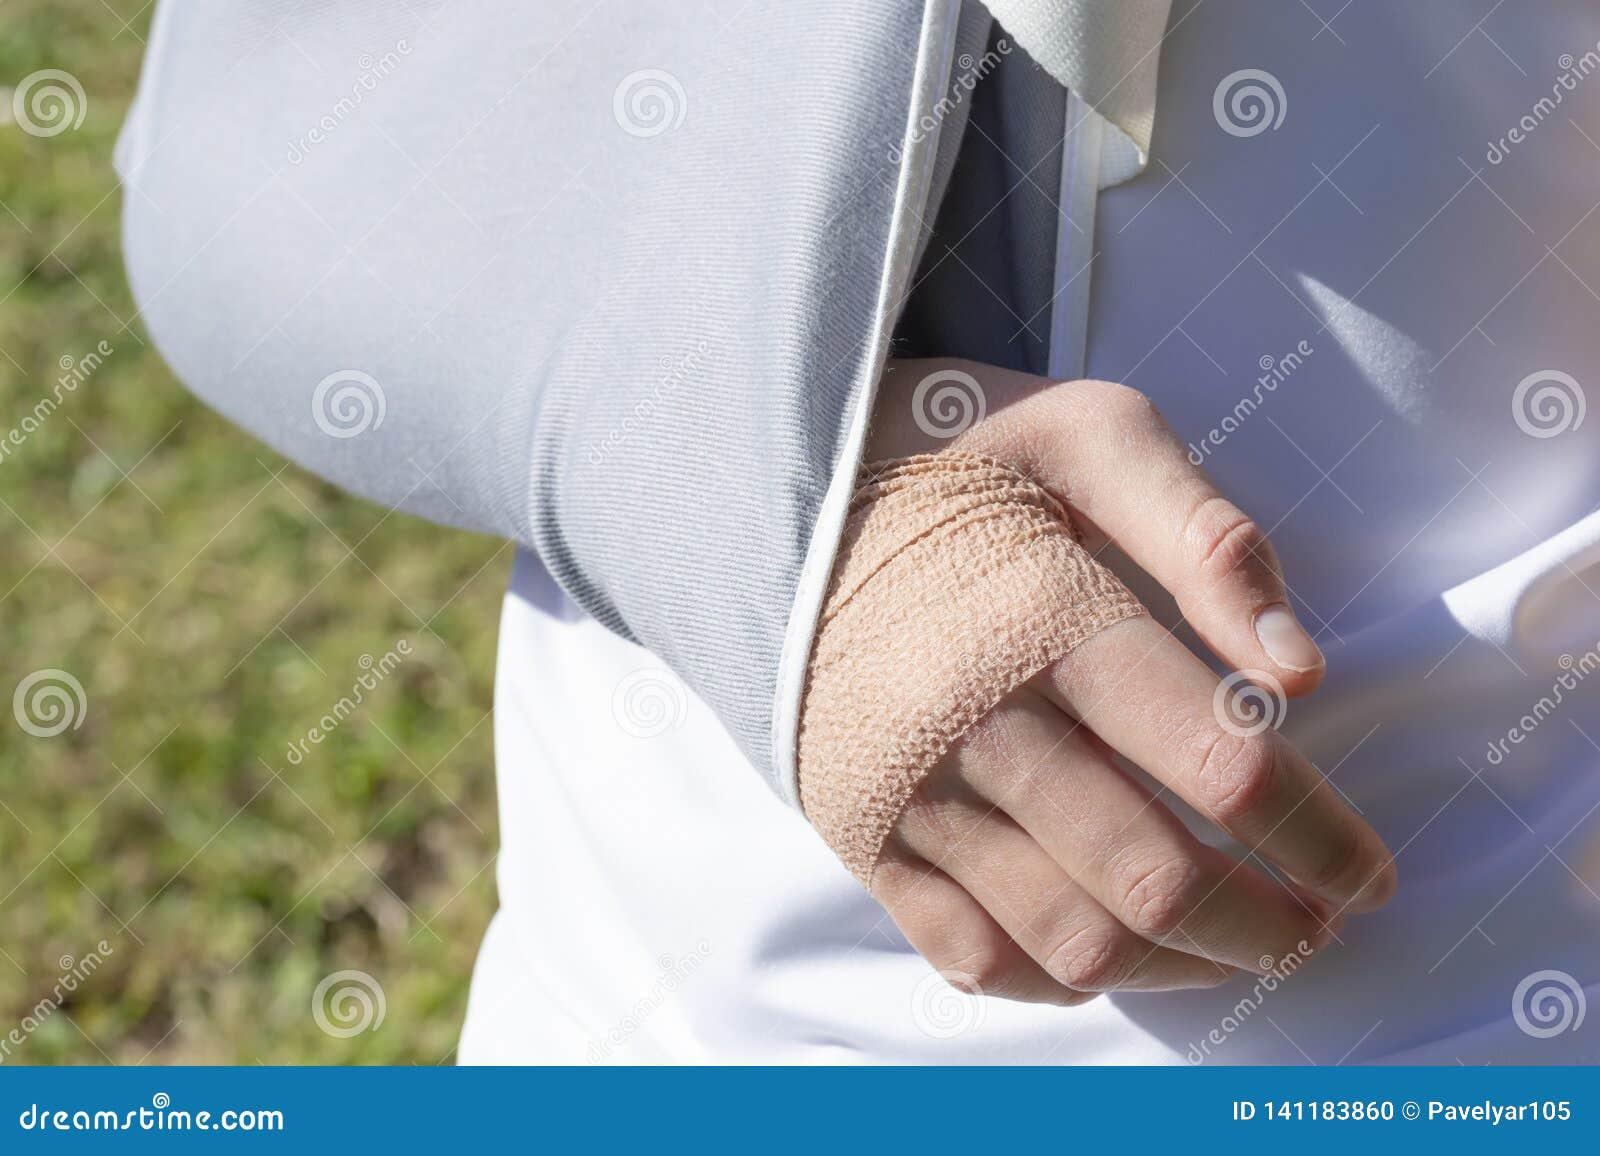 Een jongen met verwond dient een het bevestigen verband op de achtergrond van een voetbalgebied in